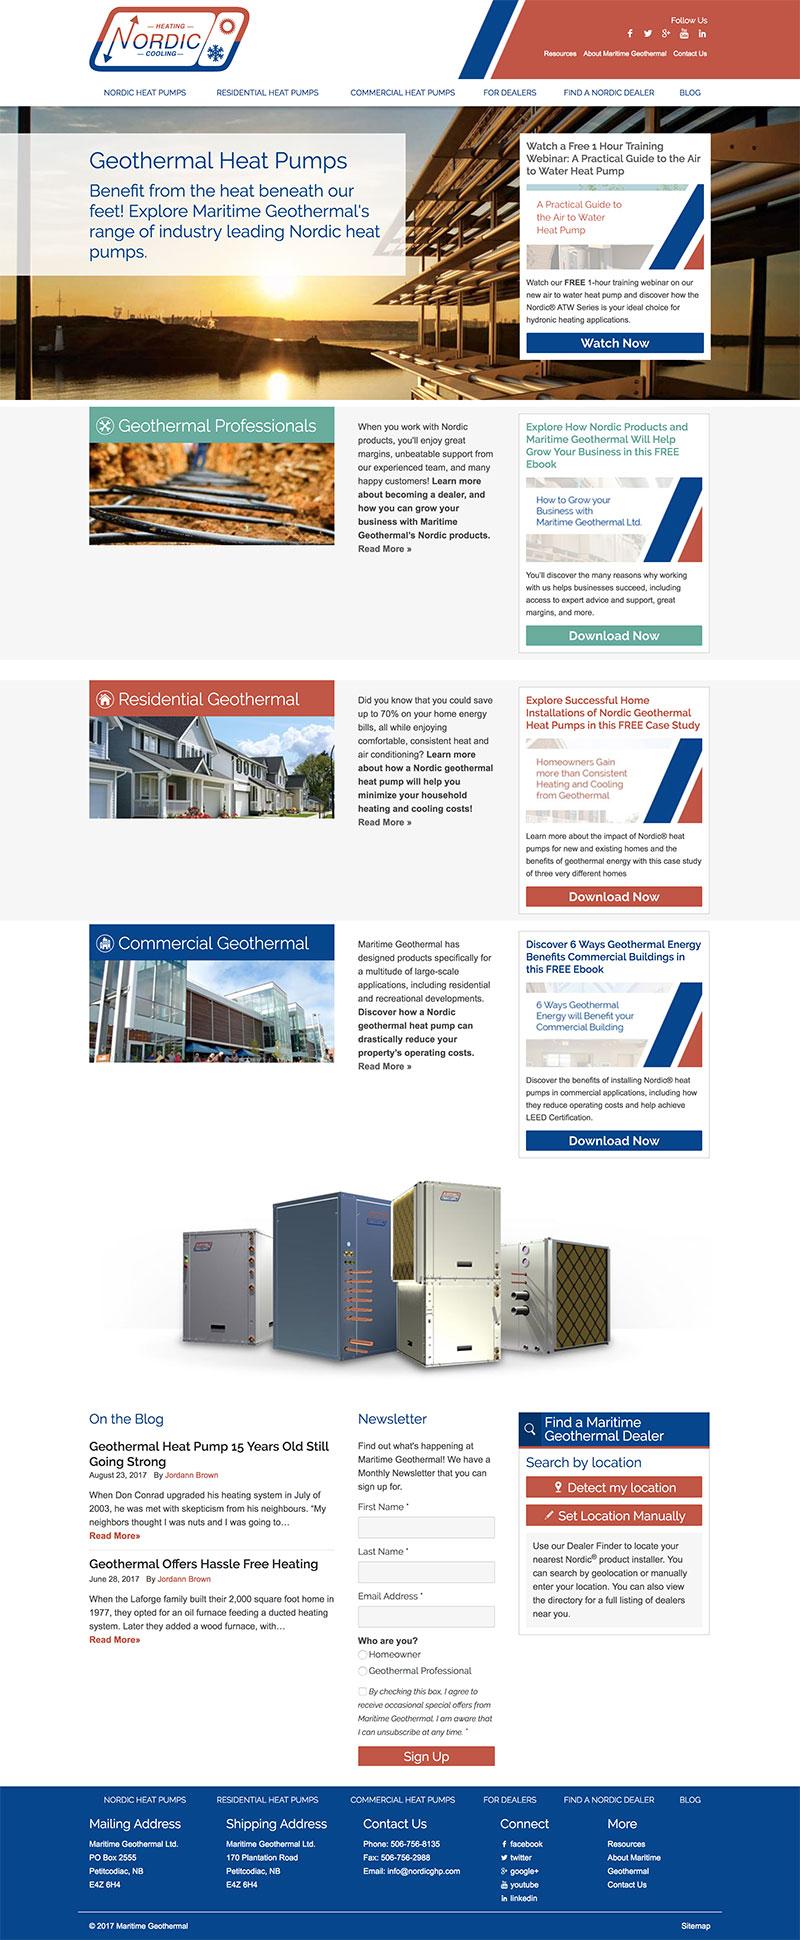 A screenshot of the full A screenshot of the full Maritime Geothermal homepage homepage